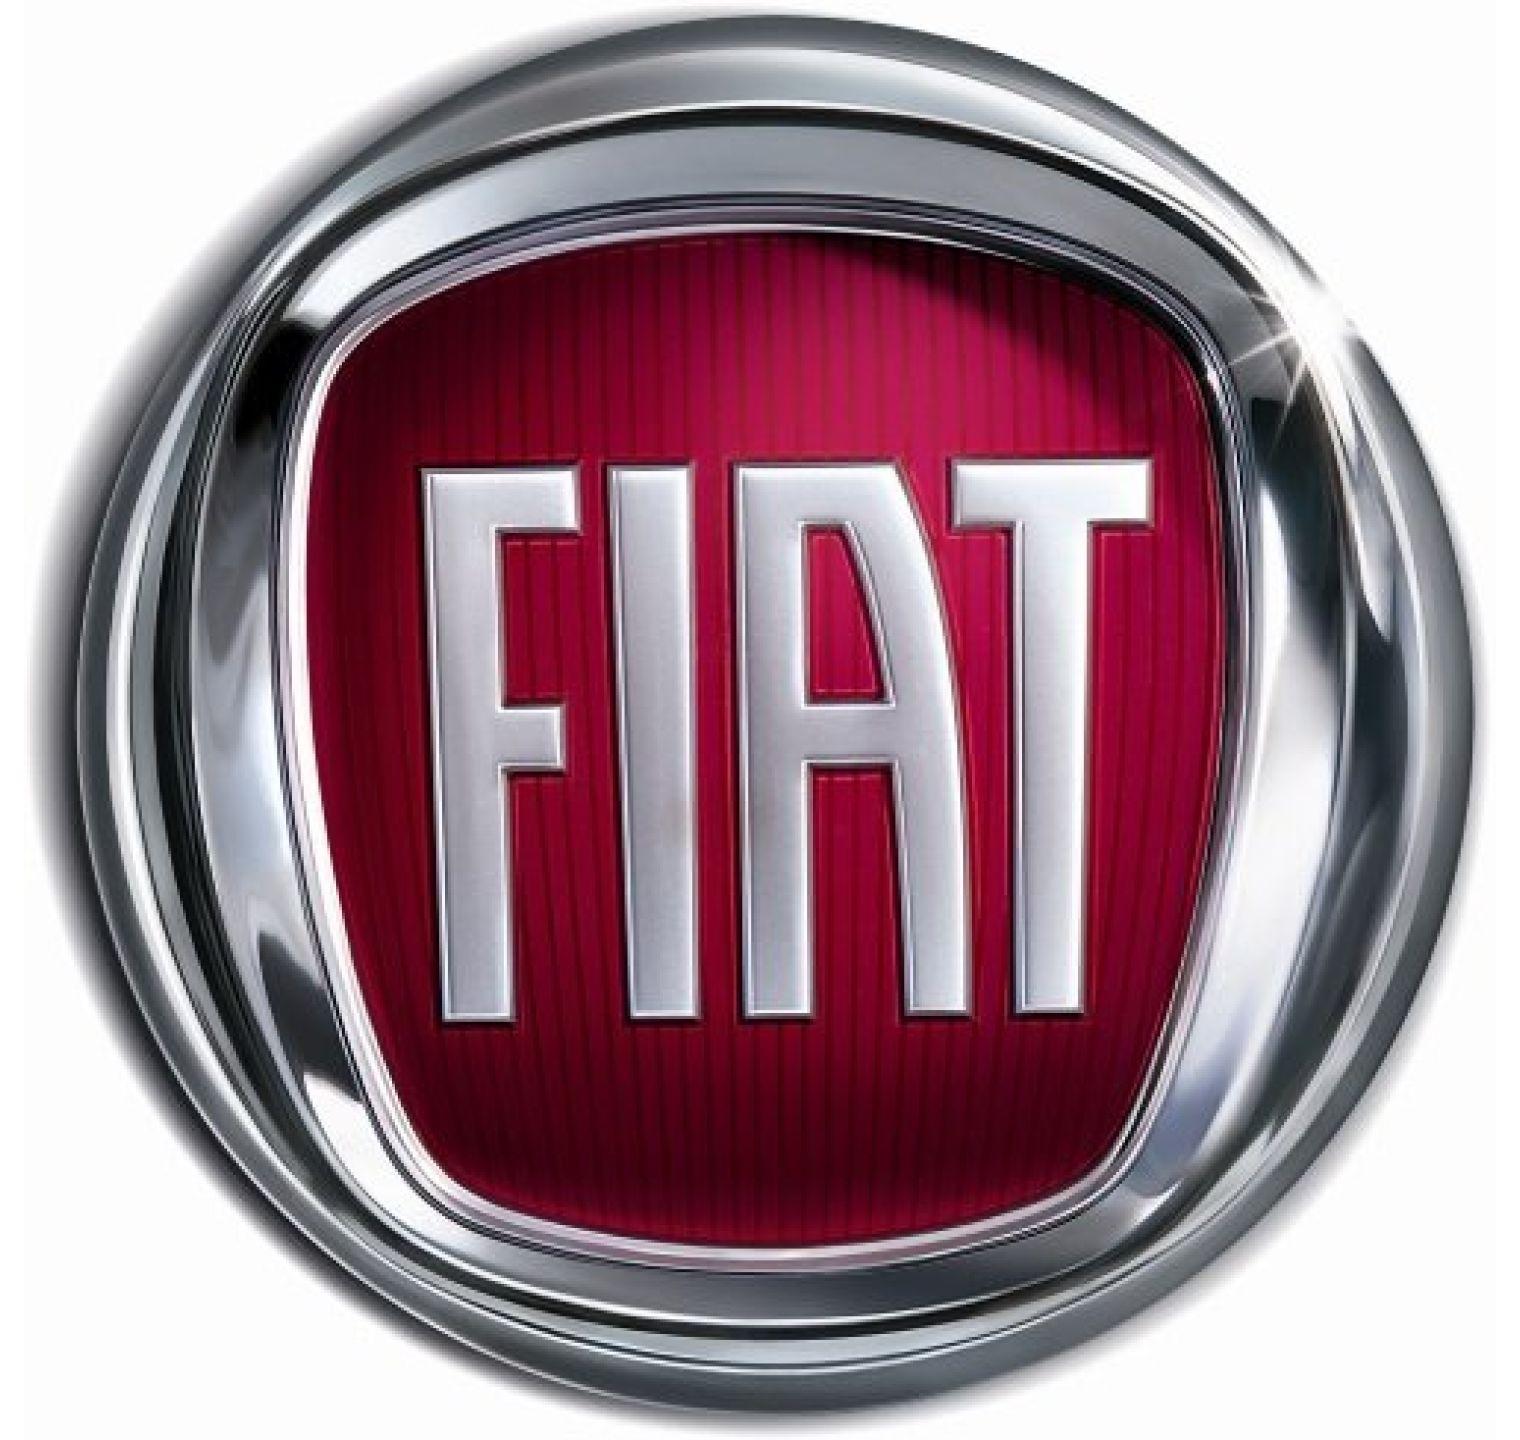 Fiat Bravo II (vanaf 2006) - achterruitenwisser Valeo Silencio flatblade